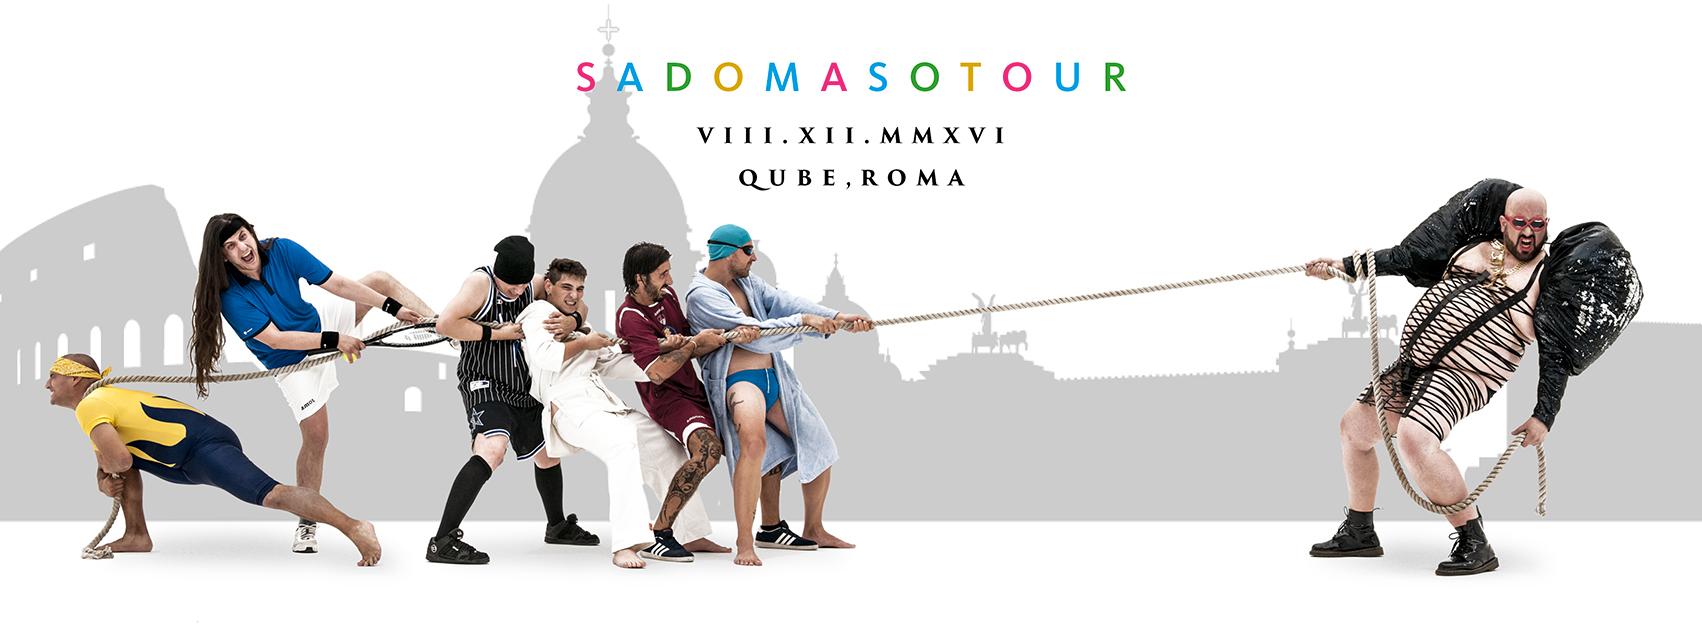 Give Us Barabba + Nanowar Live at Qube - Fumettour 2016 @ QUBE ROME  | Roma | Lazio | Italia